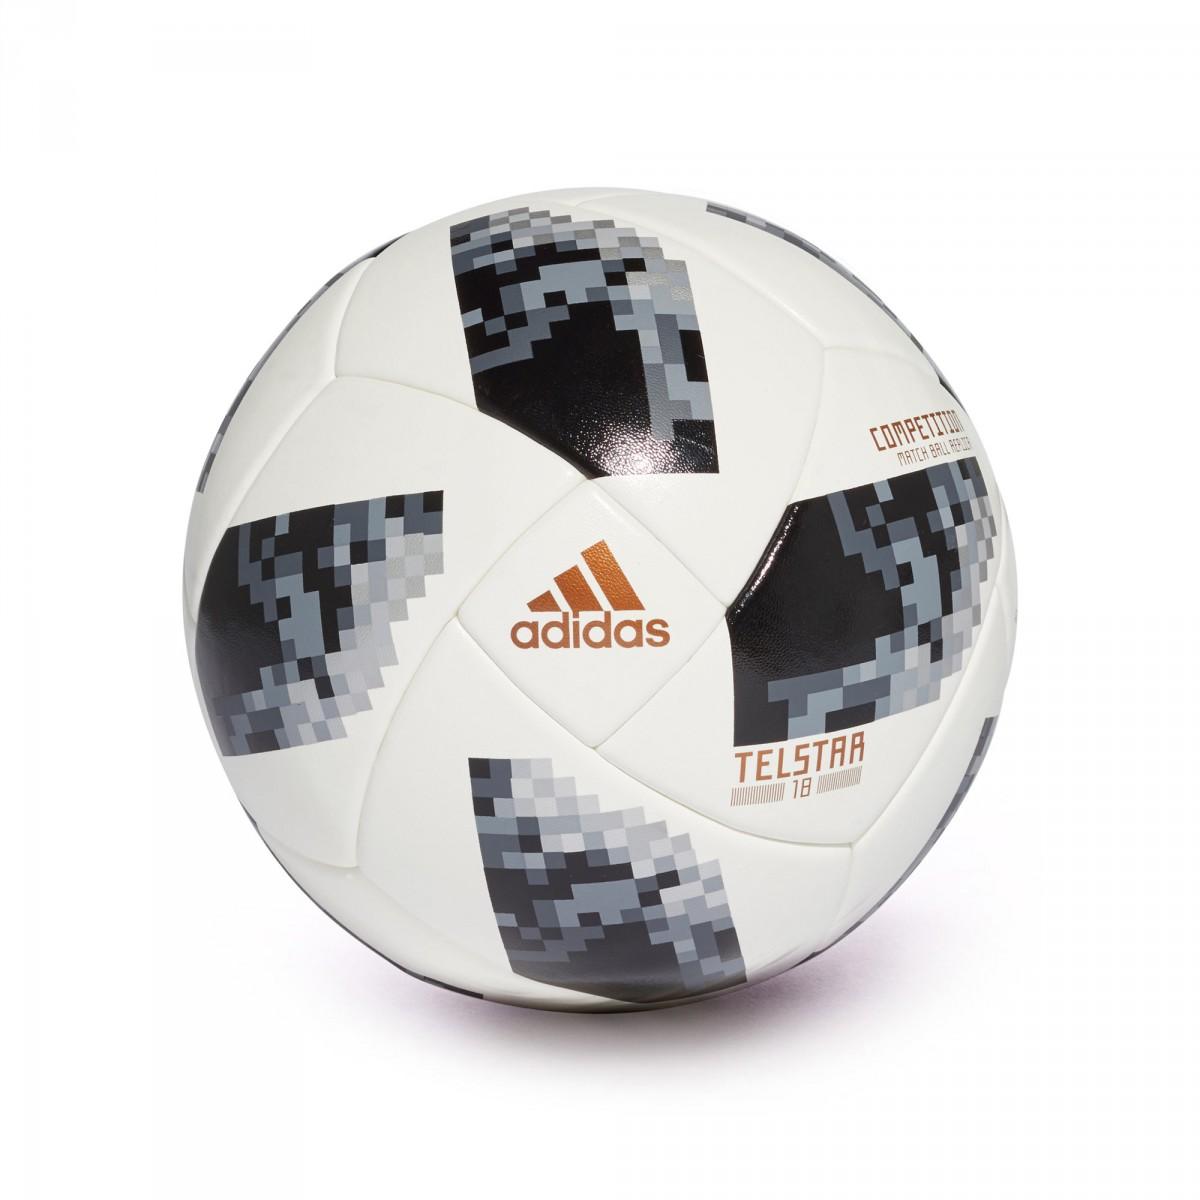 ... Cup Competition Telstar White-Black-Silver metallic. Categorías del  Balón 9462fb654d058